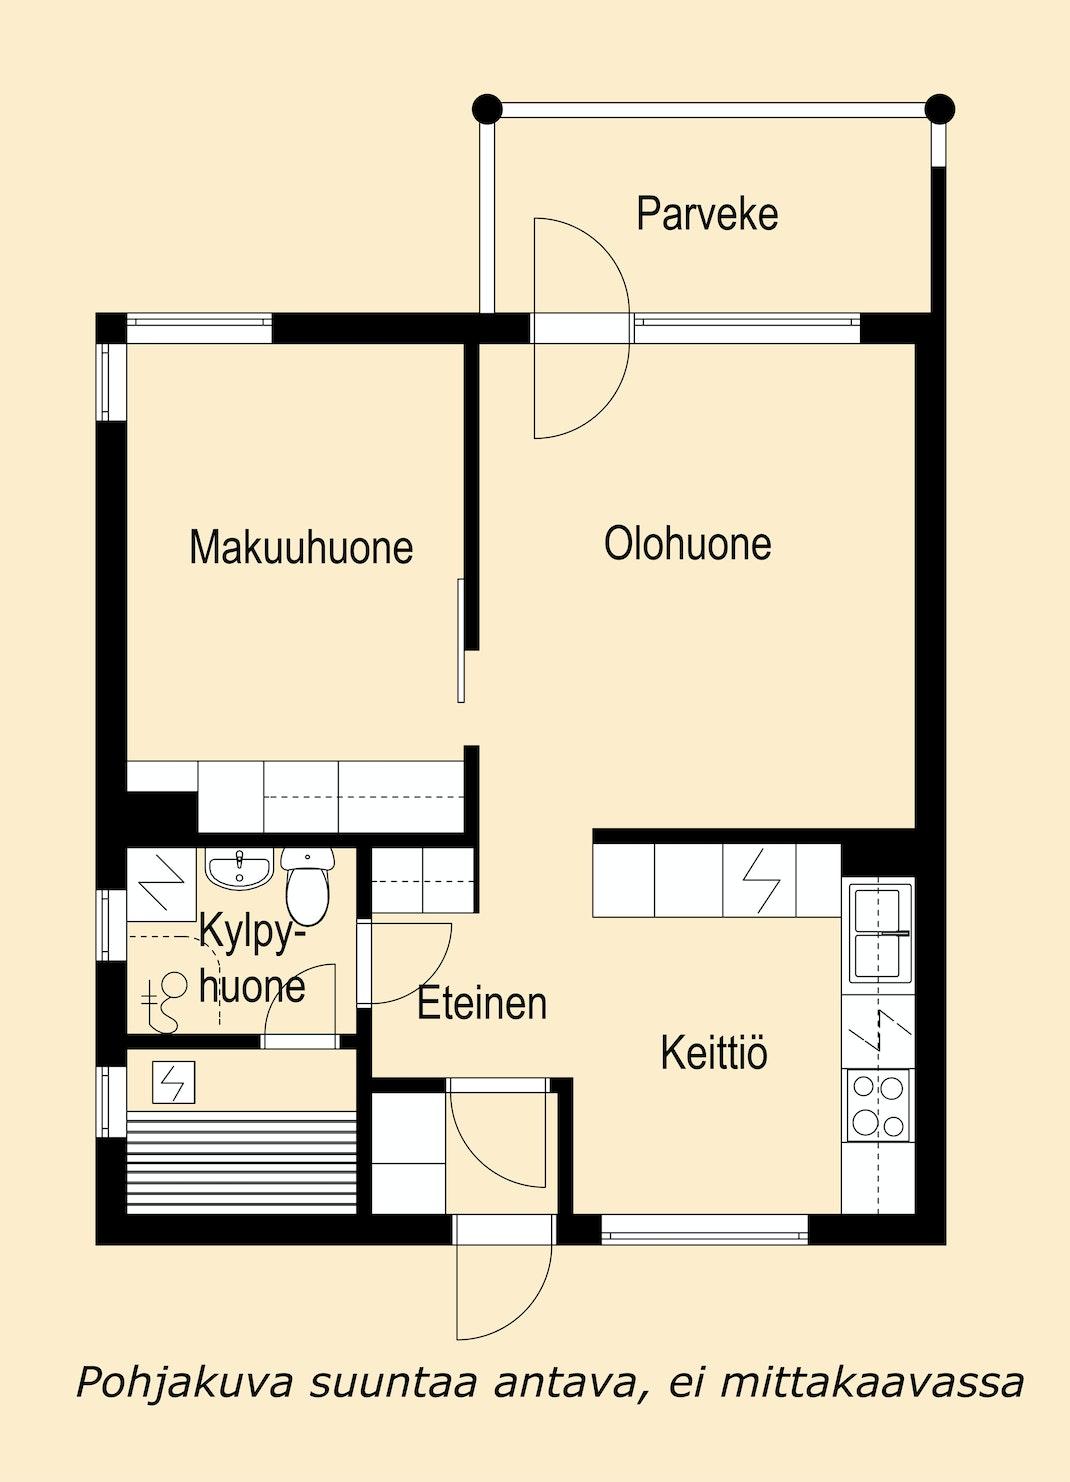 Luhtitalon toisen kerroksen kaunis koti Pohjakuva